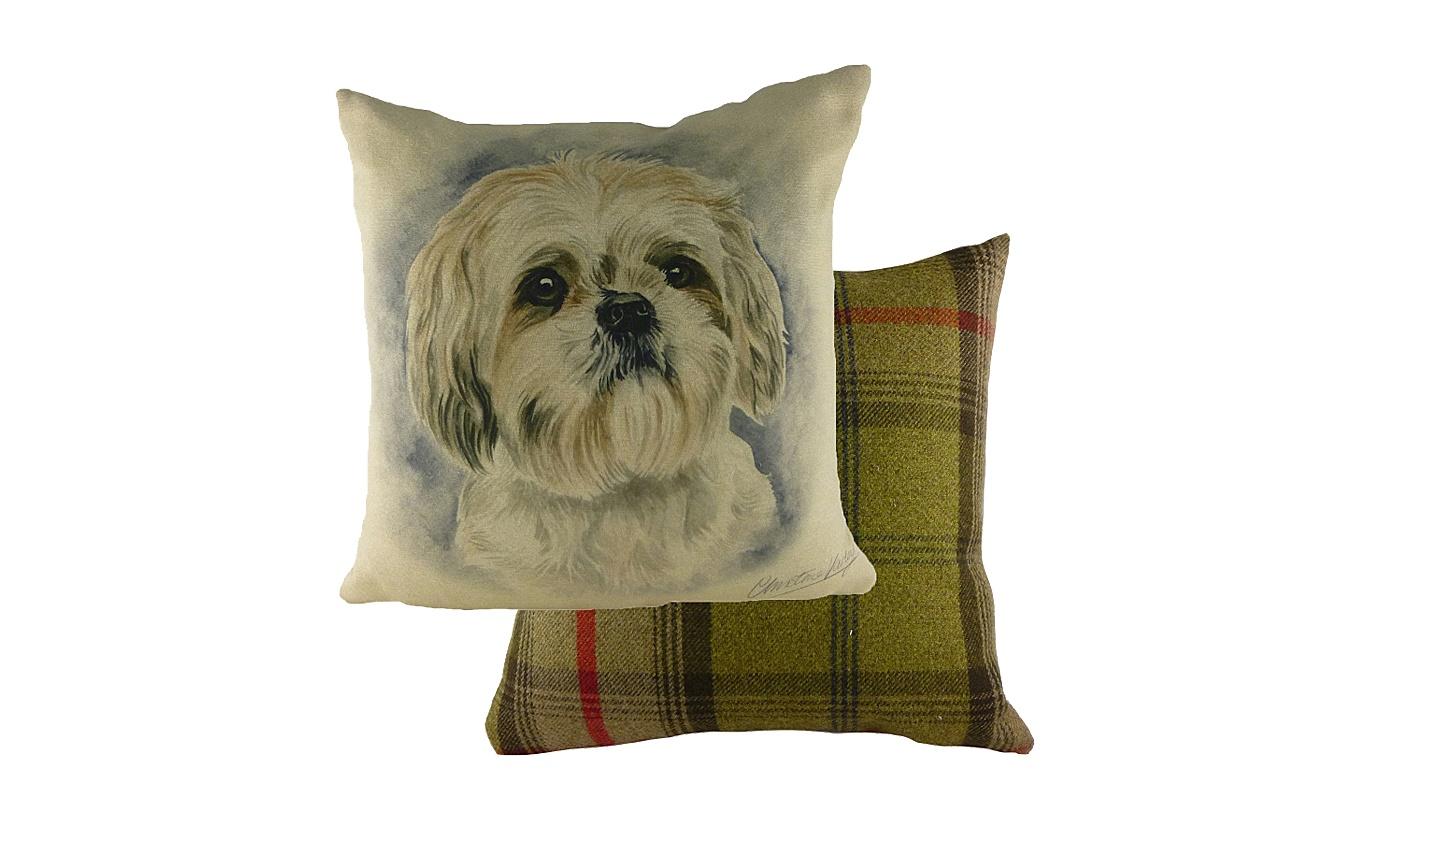 Подушка с принтом Waggydogs ShihtzuКвадратные подушки и наволочки<br>Диванная подушка &amp;amp;nbsp;&amp;quot;WAGGYDOGS SHIHTZU&amp;quot; – идеальное решение для тех, кто любит собак, Китай, Тибет и Будду. Ведь ши-тцу – не только одна из самых красивых, но и самых древних пород собак. По преданиям именно ши-тцу сопровождала Будду в пути, а при необходимости превращалась в огромного льва, его защищающего. Наша подушка в льва не превратится, но с ее помощью вы сможете погрузиться в нирвану &amp;amp;nbsp;– настолько она удобная и мягкая.&amp;amp;nbsp;<br><br>Material: Текстиль<br>Length см: 43<br>Width см: 43<br>Height см: 6